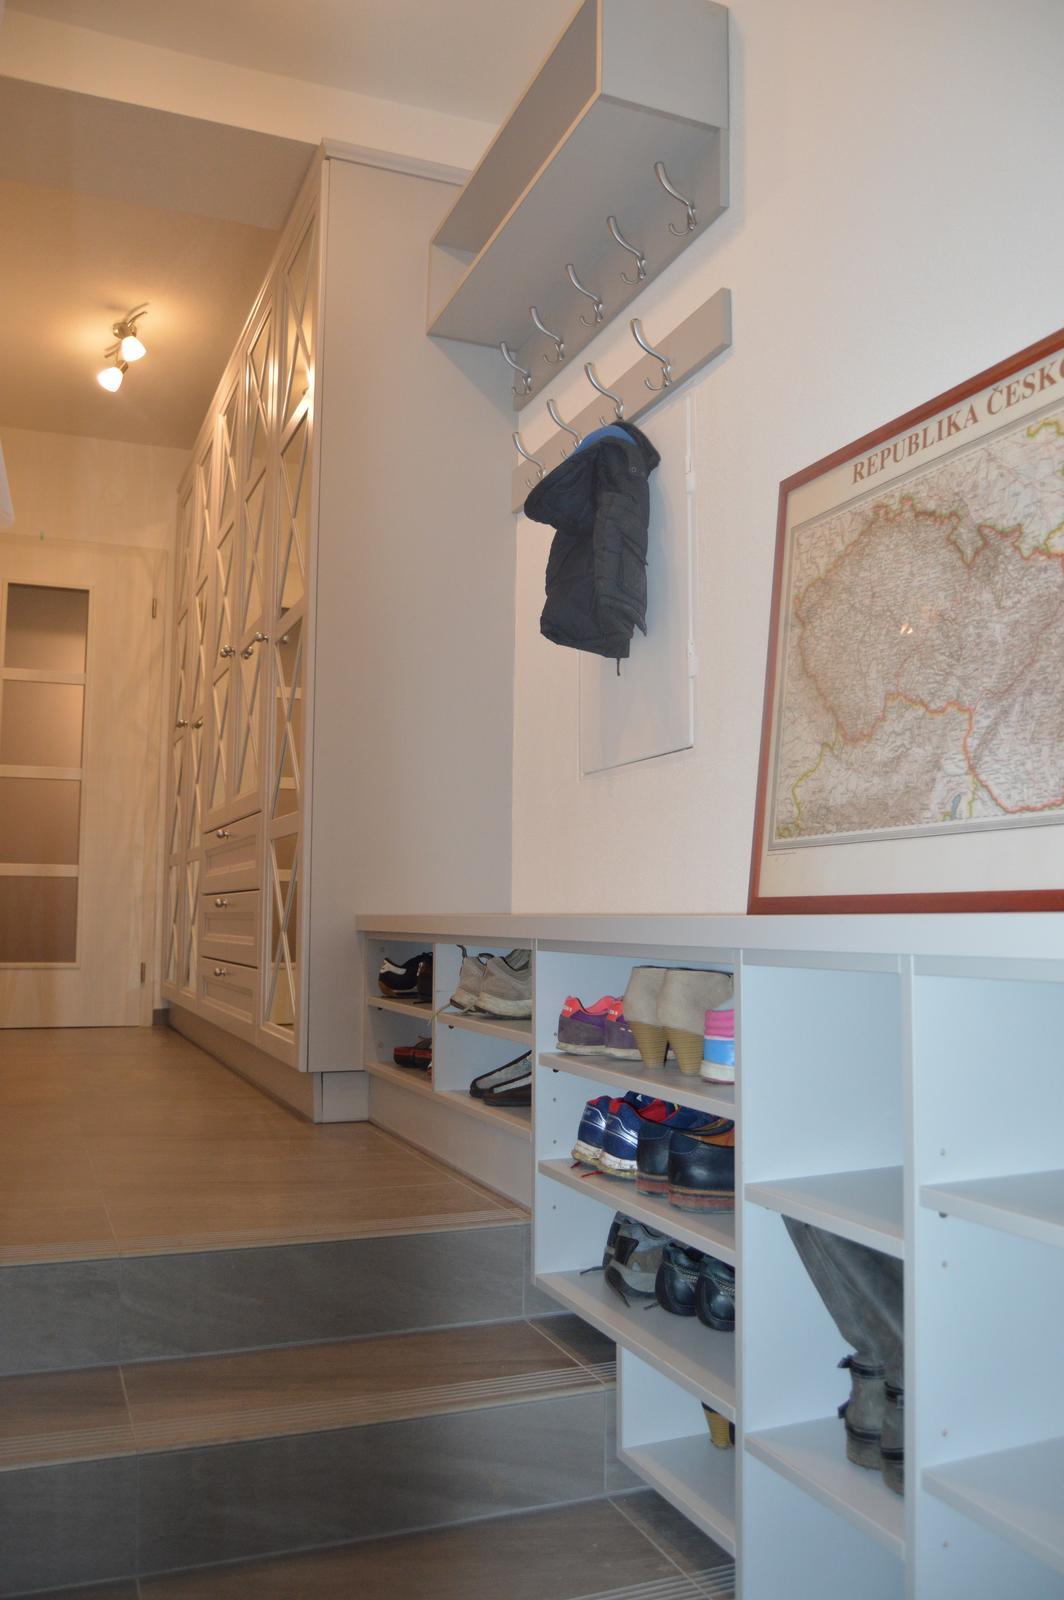 Naša rekonštrukcia - Botník nad schodiskom, na topánky nie je miesta miesta nikdy dosť